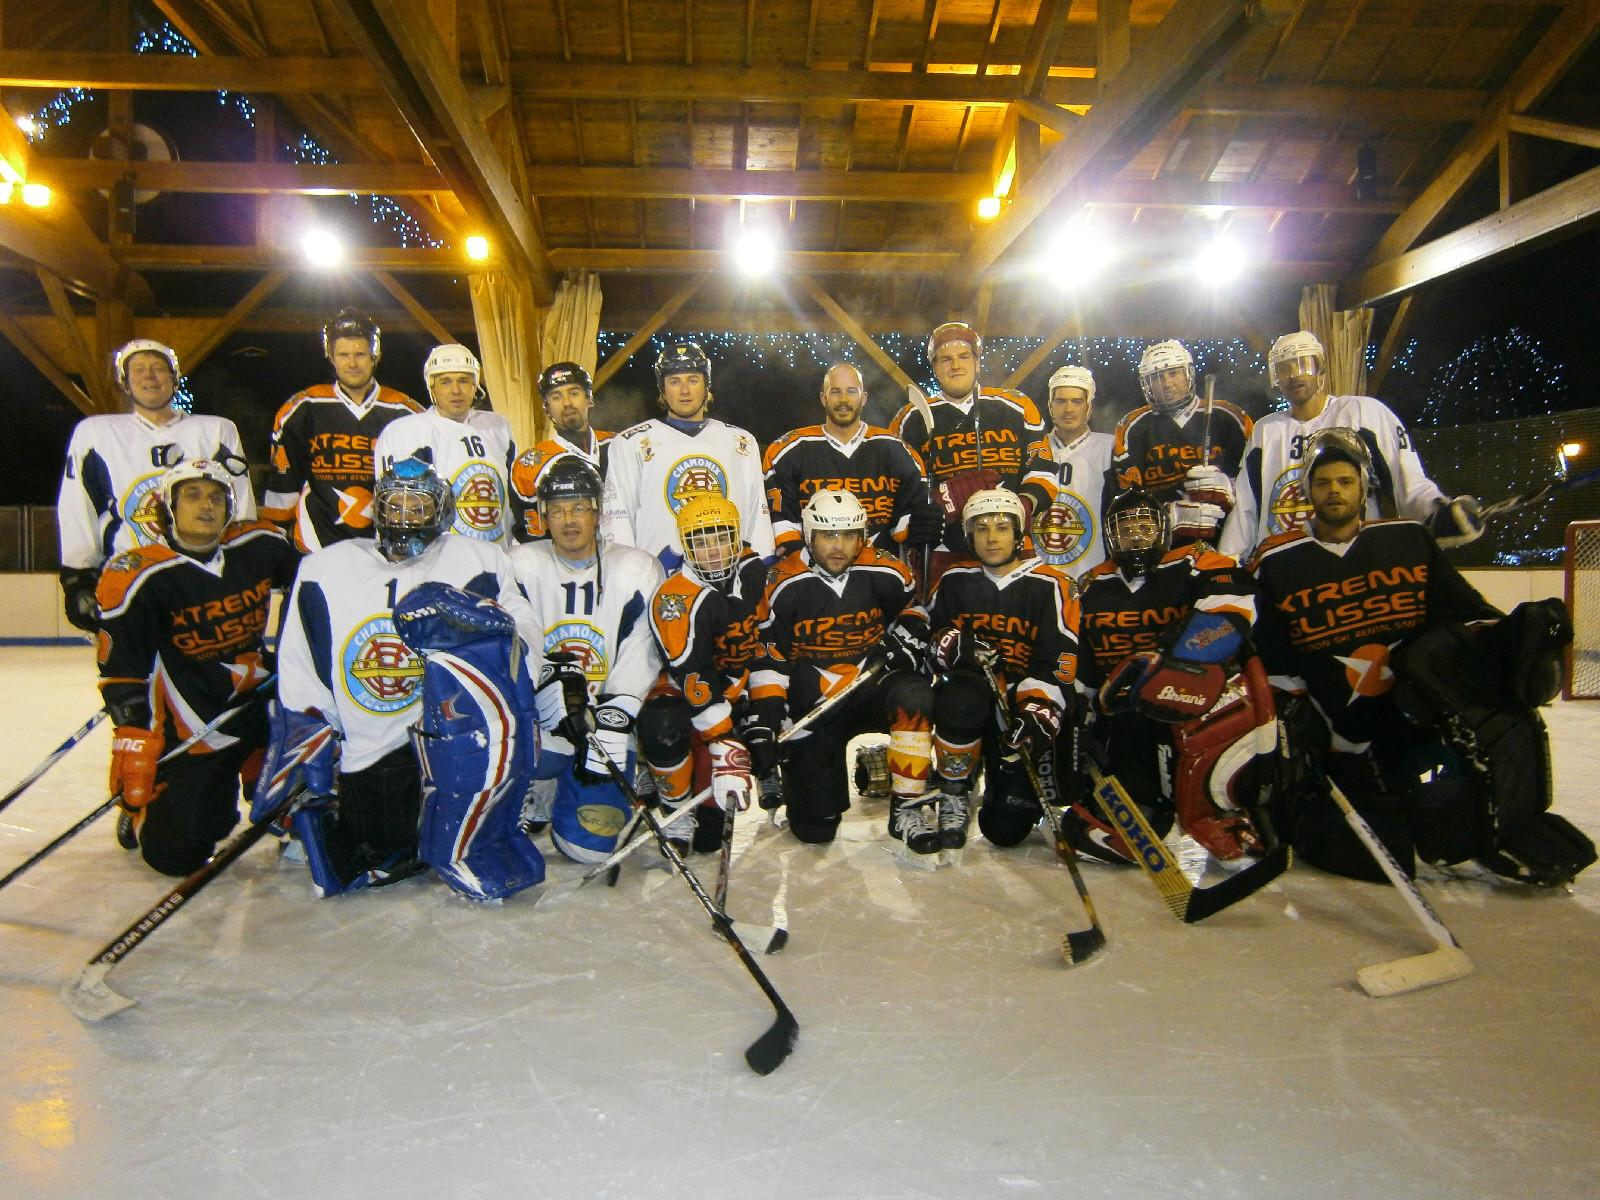 L'équipe seniors saison 2012/13